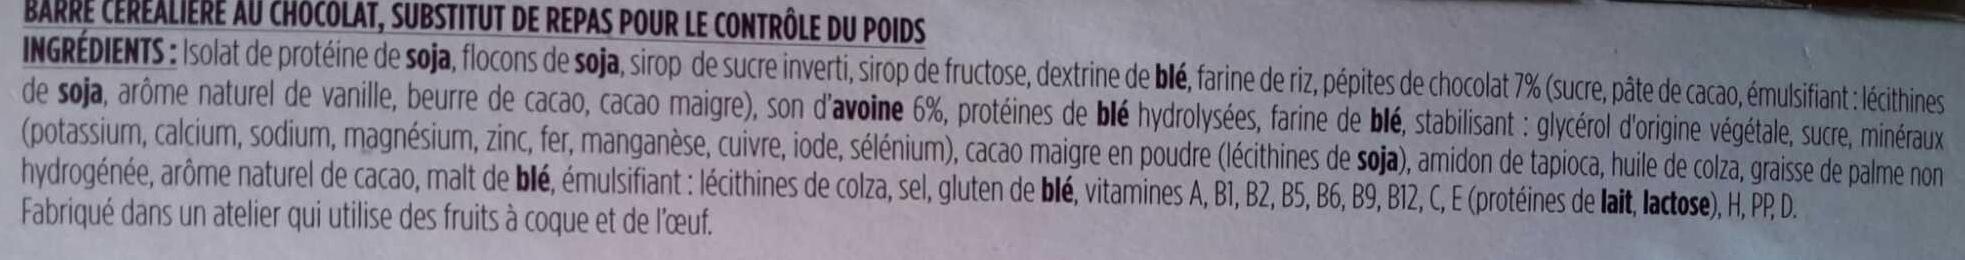 Mon repas Minceur Barre aux Céréales aux pépites de Chocolat - Ingredients - fr